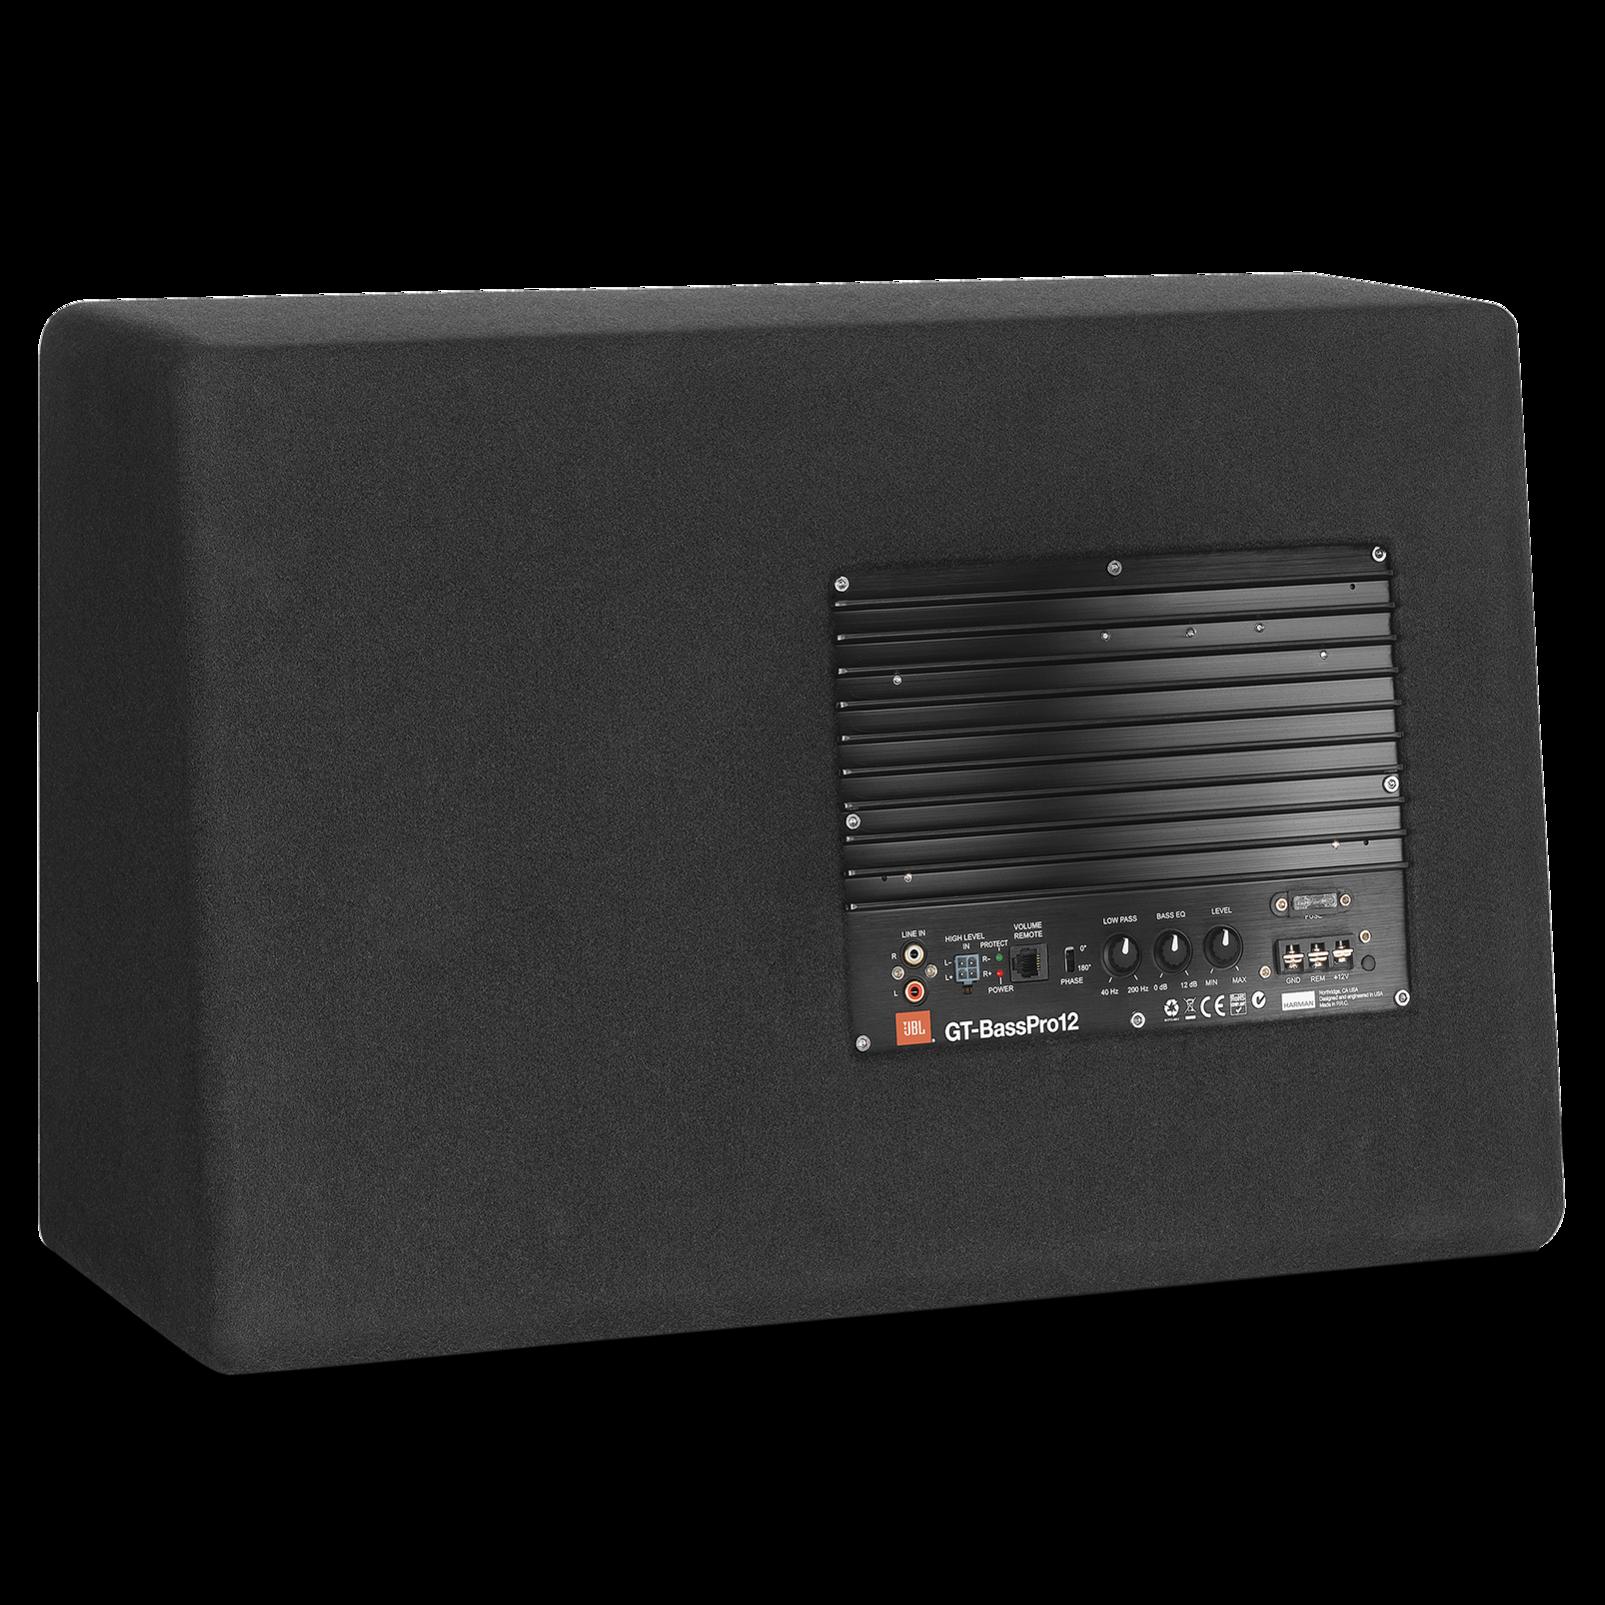 gt basspro 12 superior 12 inch ported powered car subwoofer. Black Bedroom Furniture Sets. Home Design Ideas